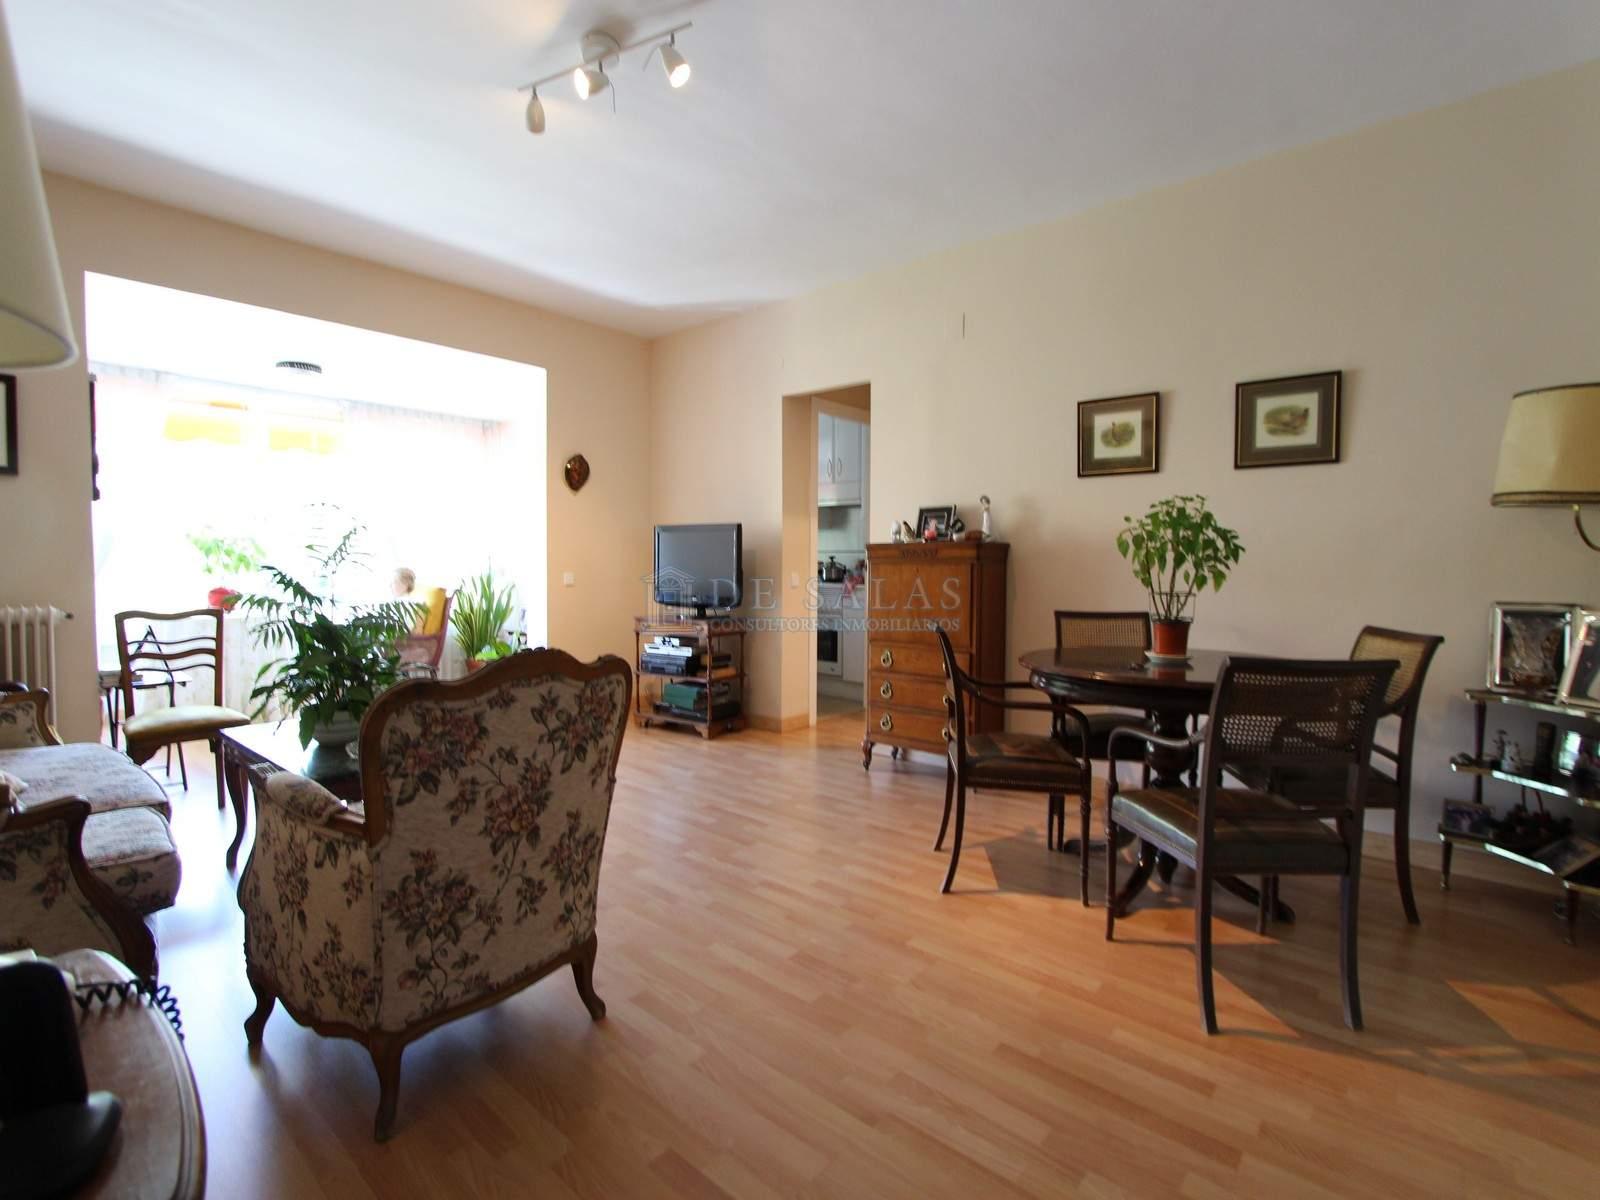 salón (2) Flat Fuentelarreina